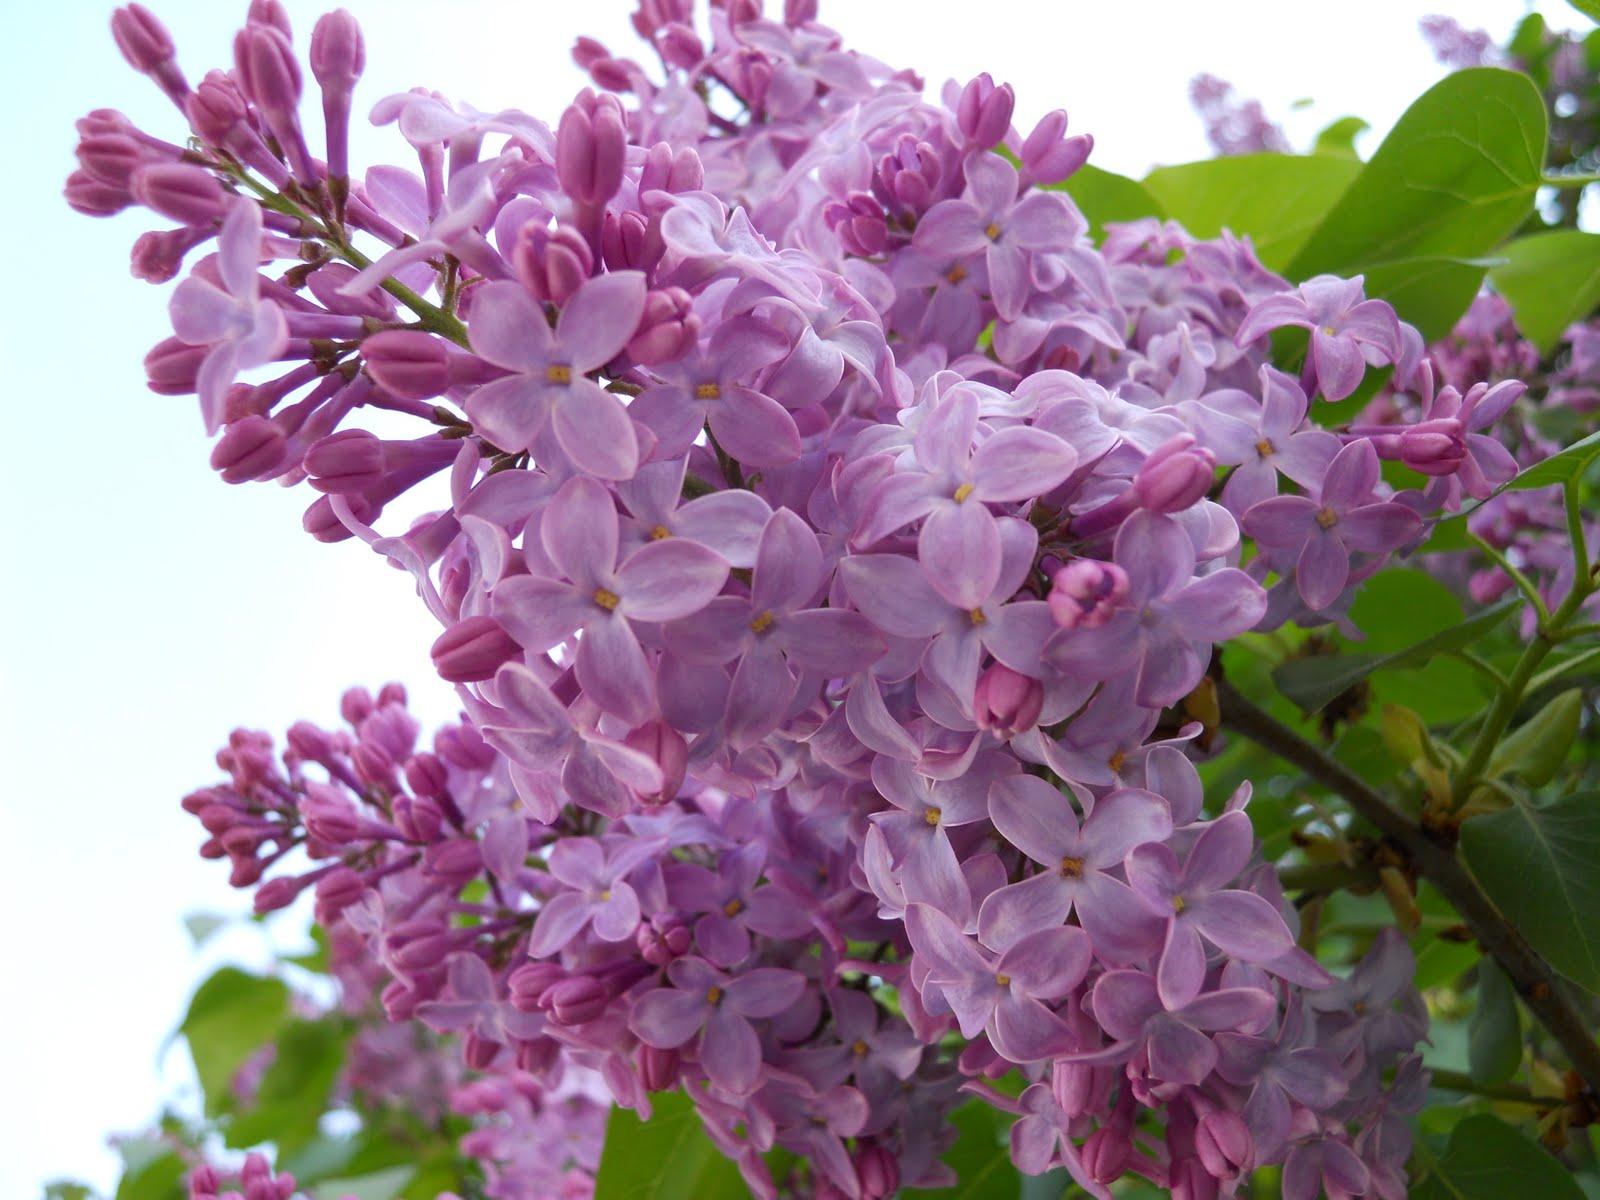 http://4.bp.blogspot.com/_omlEXs98GRA/S8-P0_9z90I/AAAAAAAAAcw/fgG6uRJ7U-I/s1600/Lilacs_3.JPG